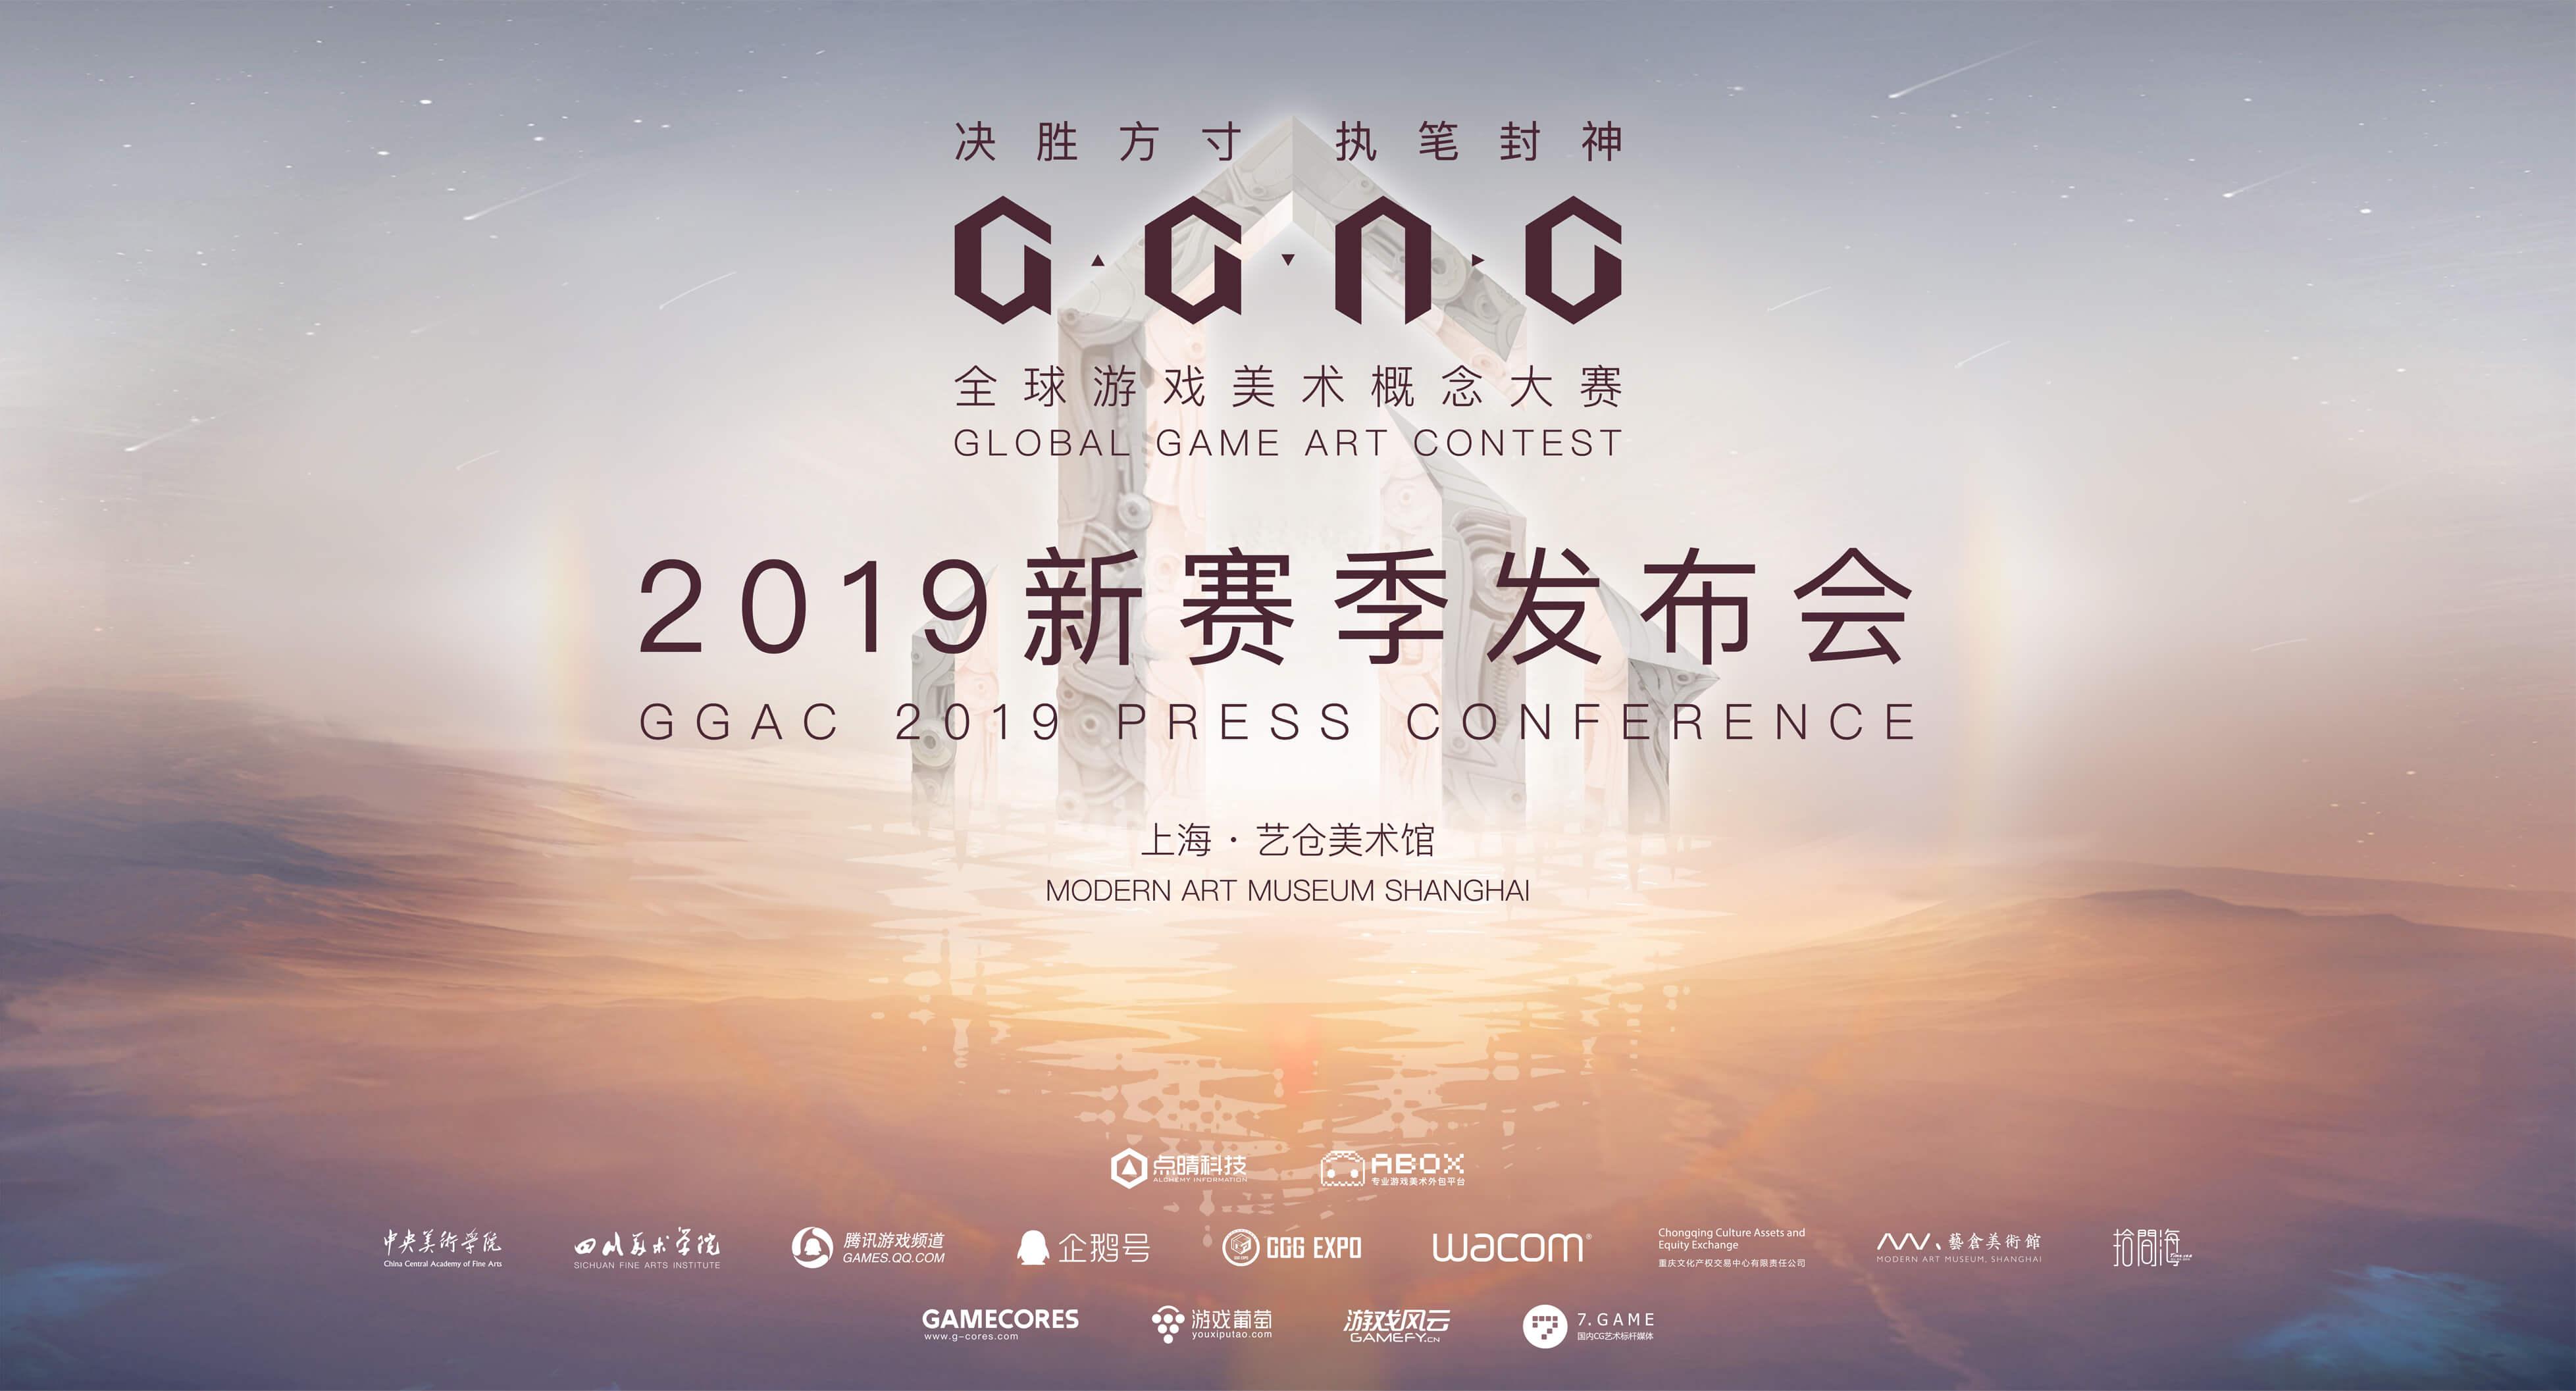 战火重燃!GGAC2019全球游戏美术概念大赛新赛季发布会